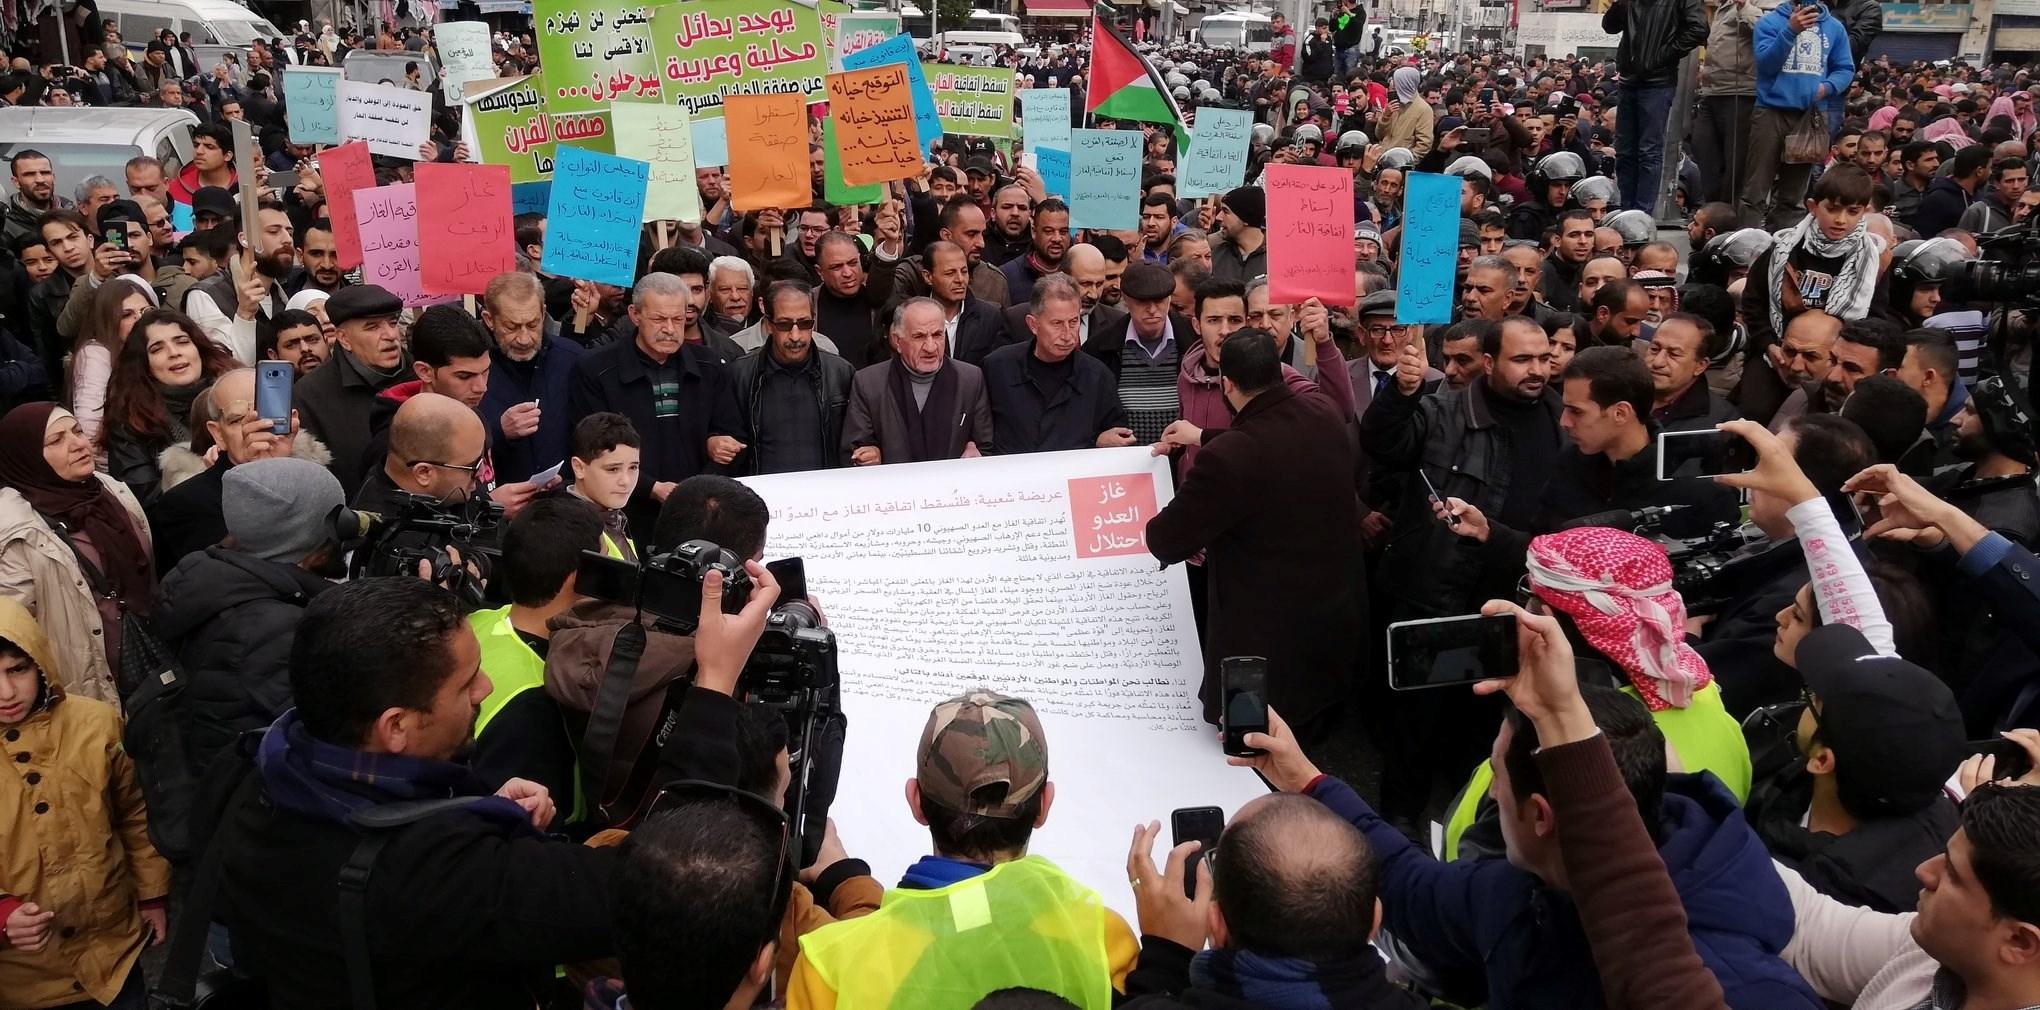 مسيرة احتجاجية في الأردن تطالب بإلغاء اتفاقية الغاز مع العدو